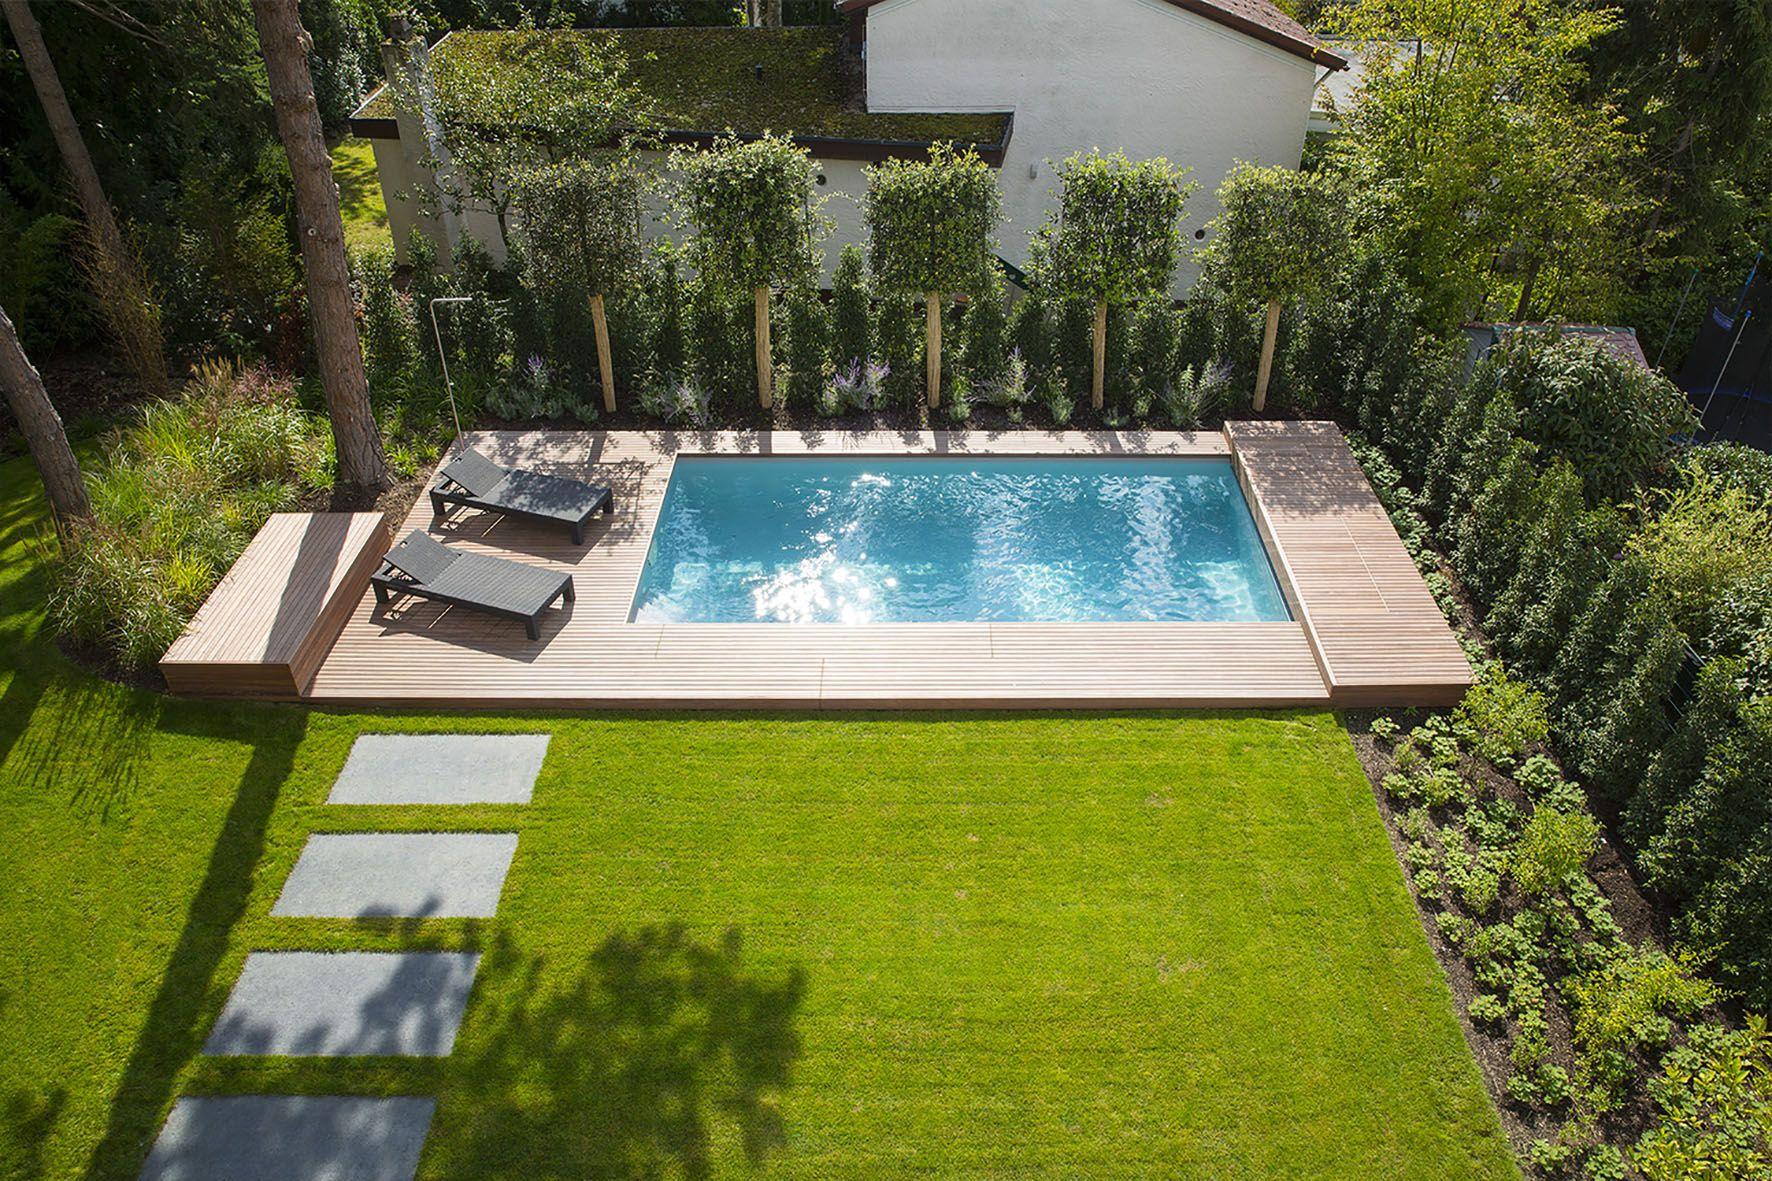 AuBergewohnlich Auch Wer über Wenig Platz Verfügt Oder Auch Ein Kleines Budget Zur  Verfügung Hat Kann Mit Pools Für Kleine Gärten Seinen Traum Verwirklichen